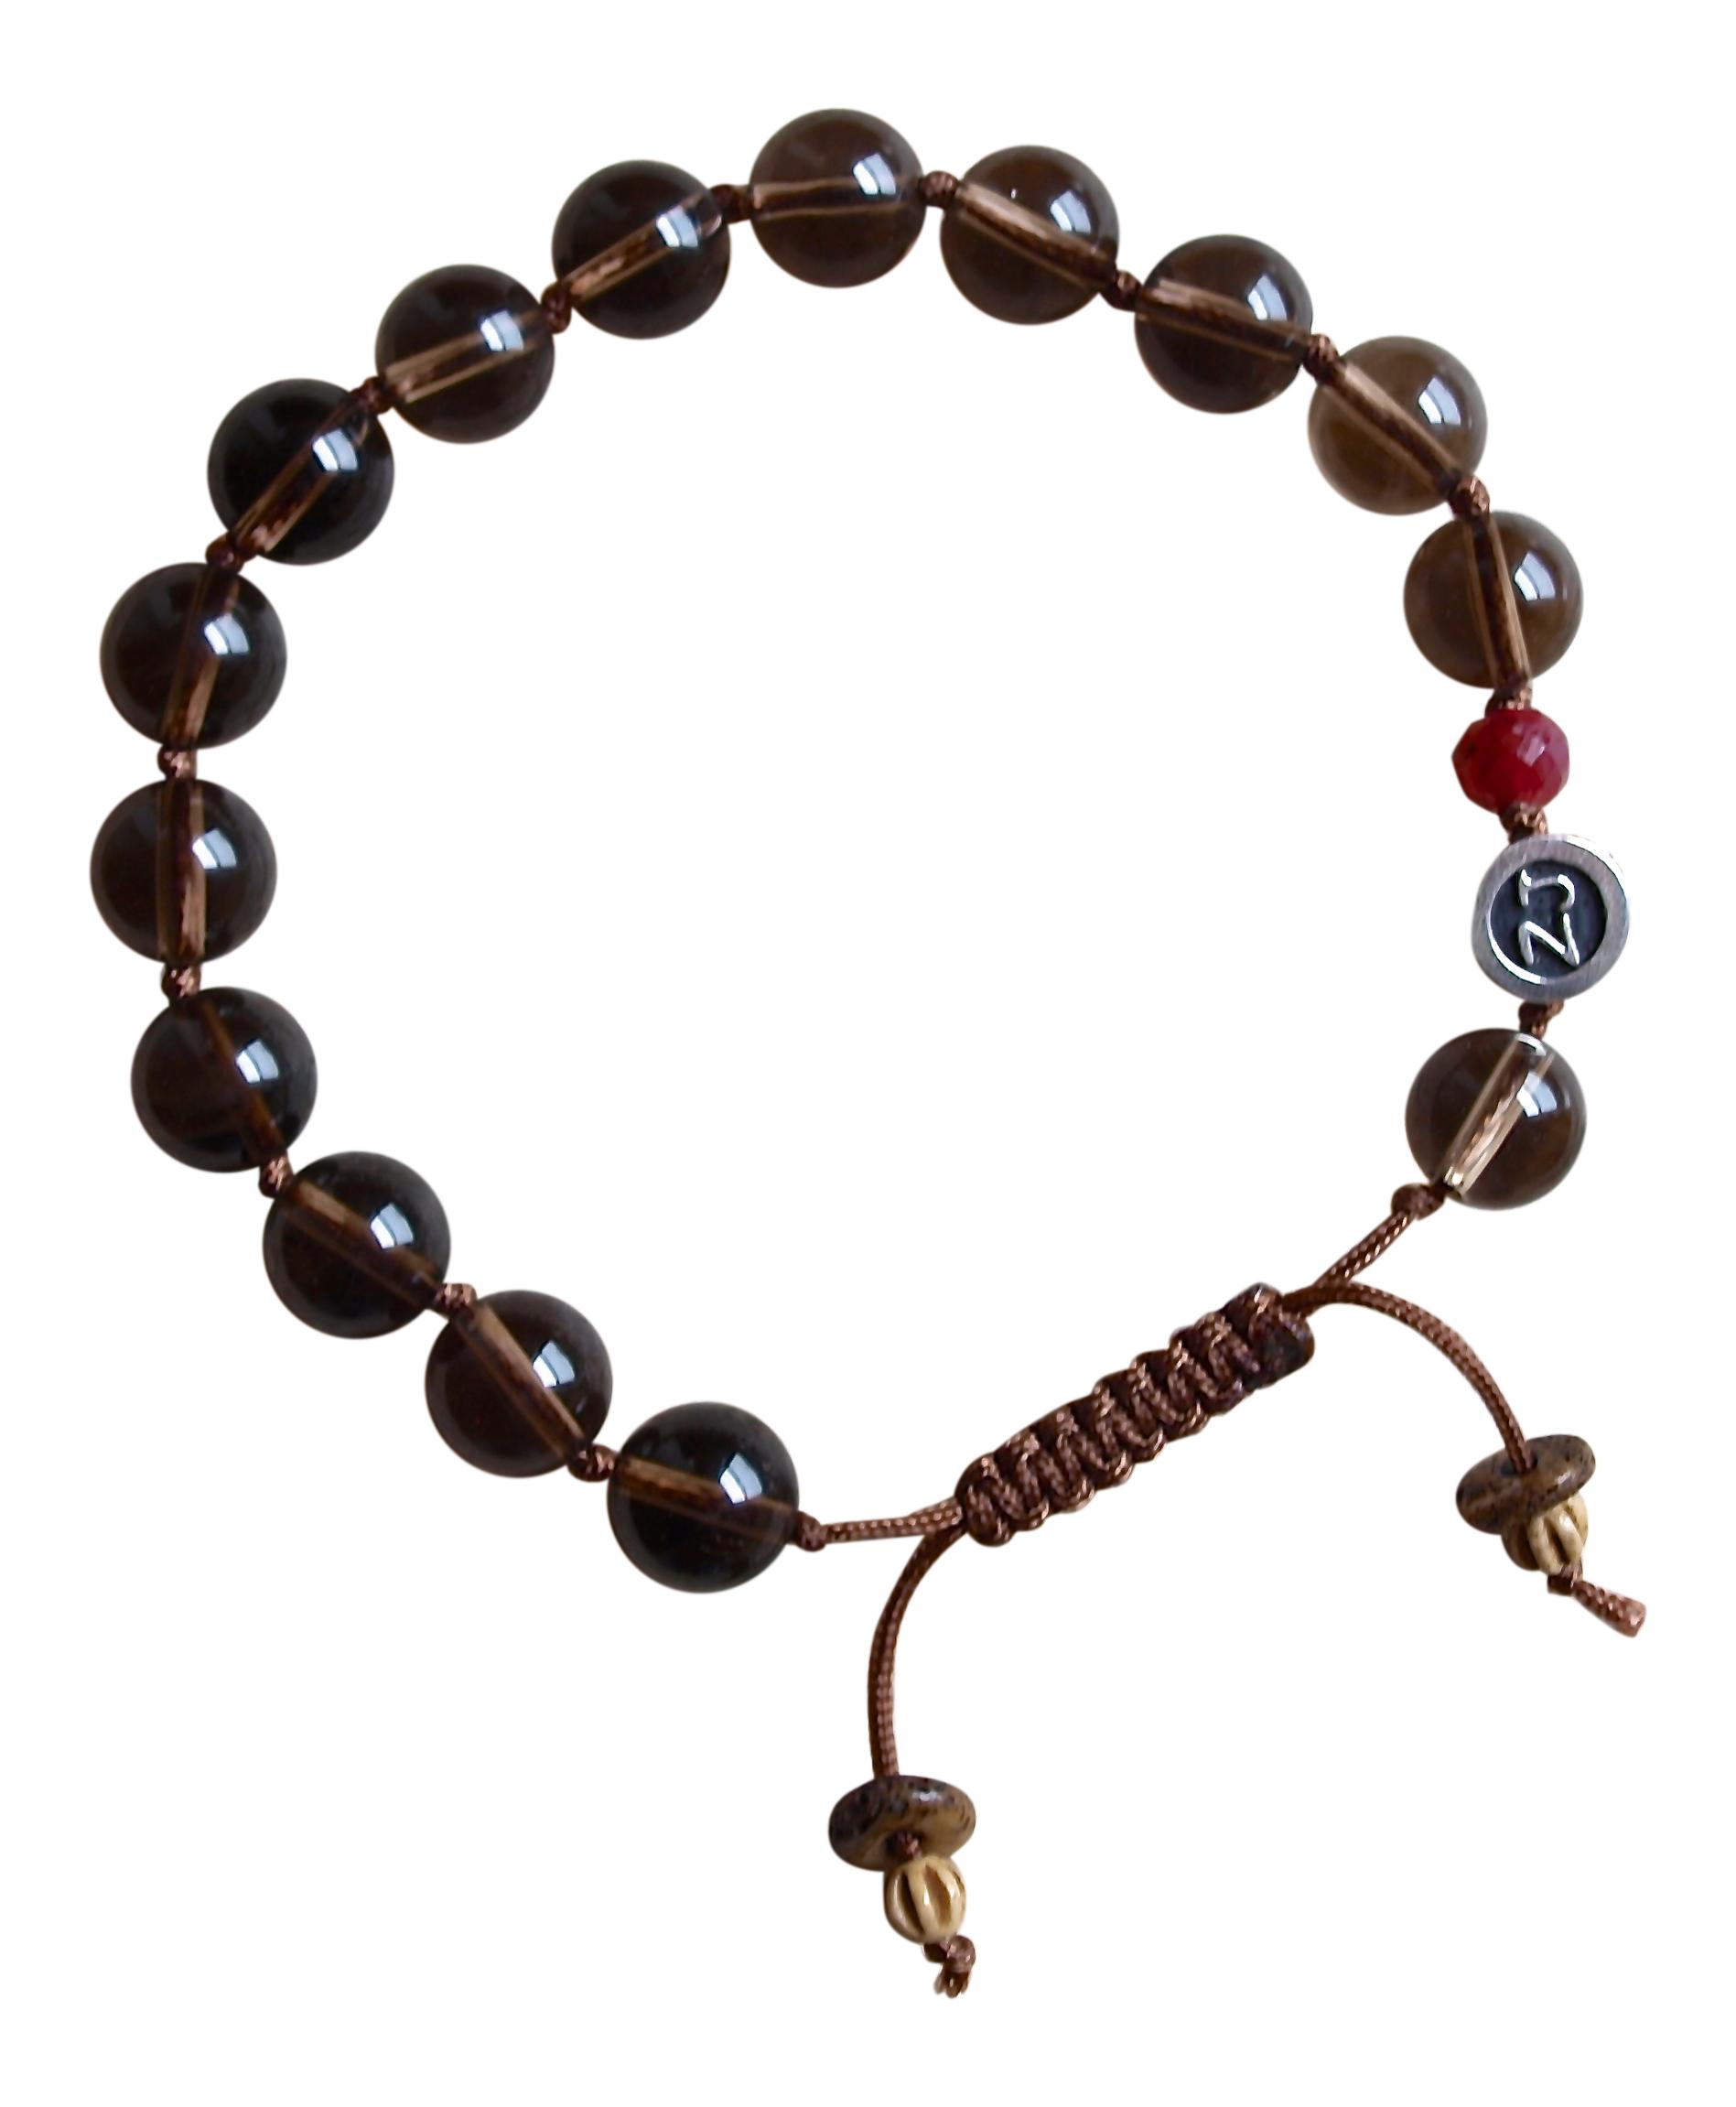 zen jewelz by zenjen announces a new line of jewelry